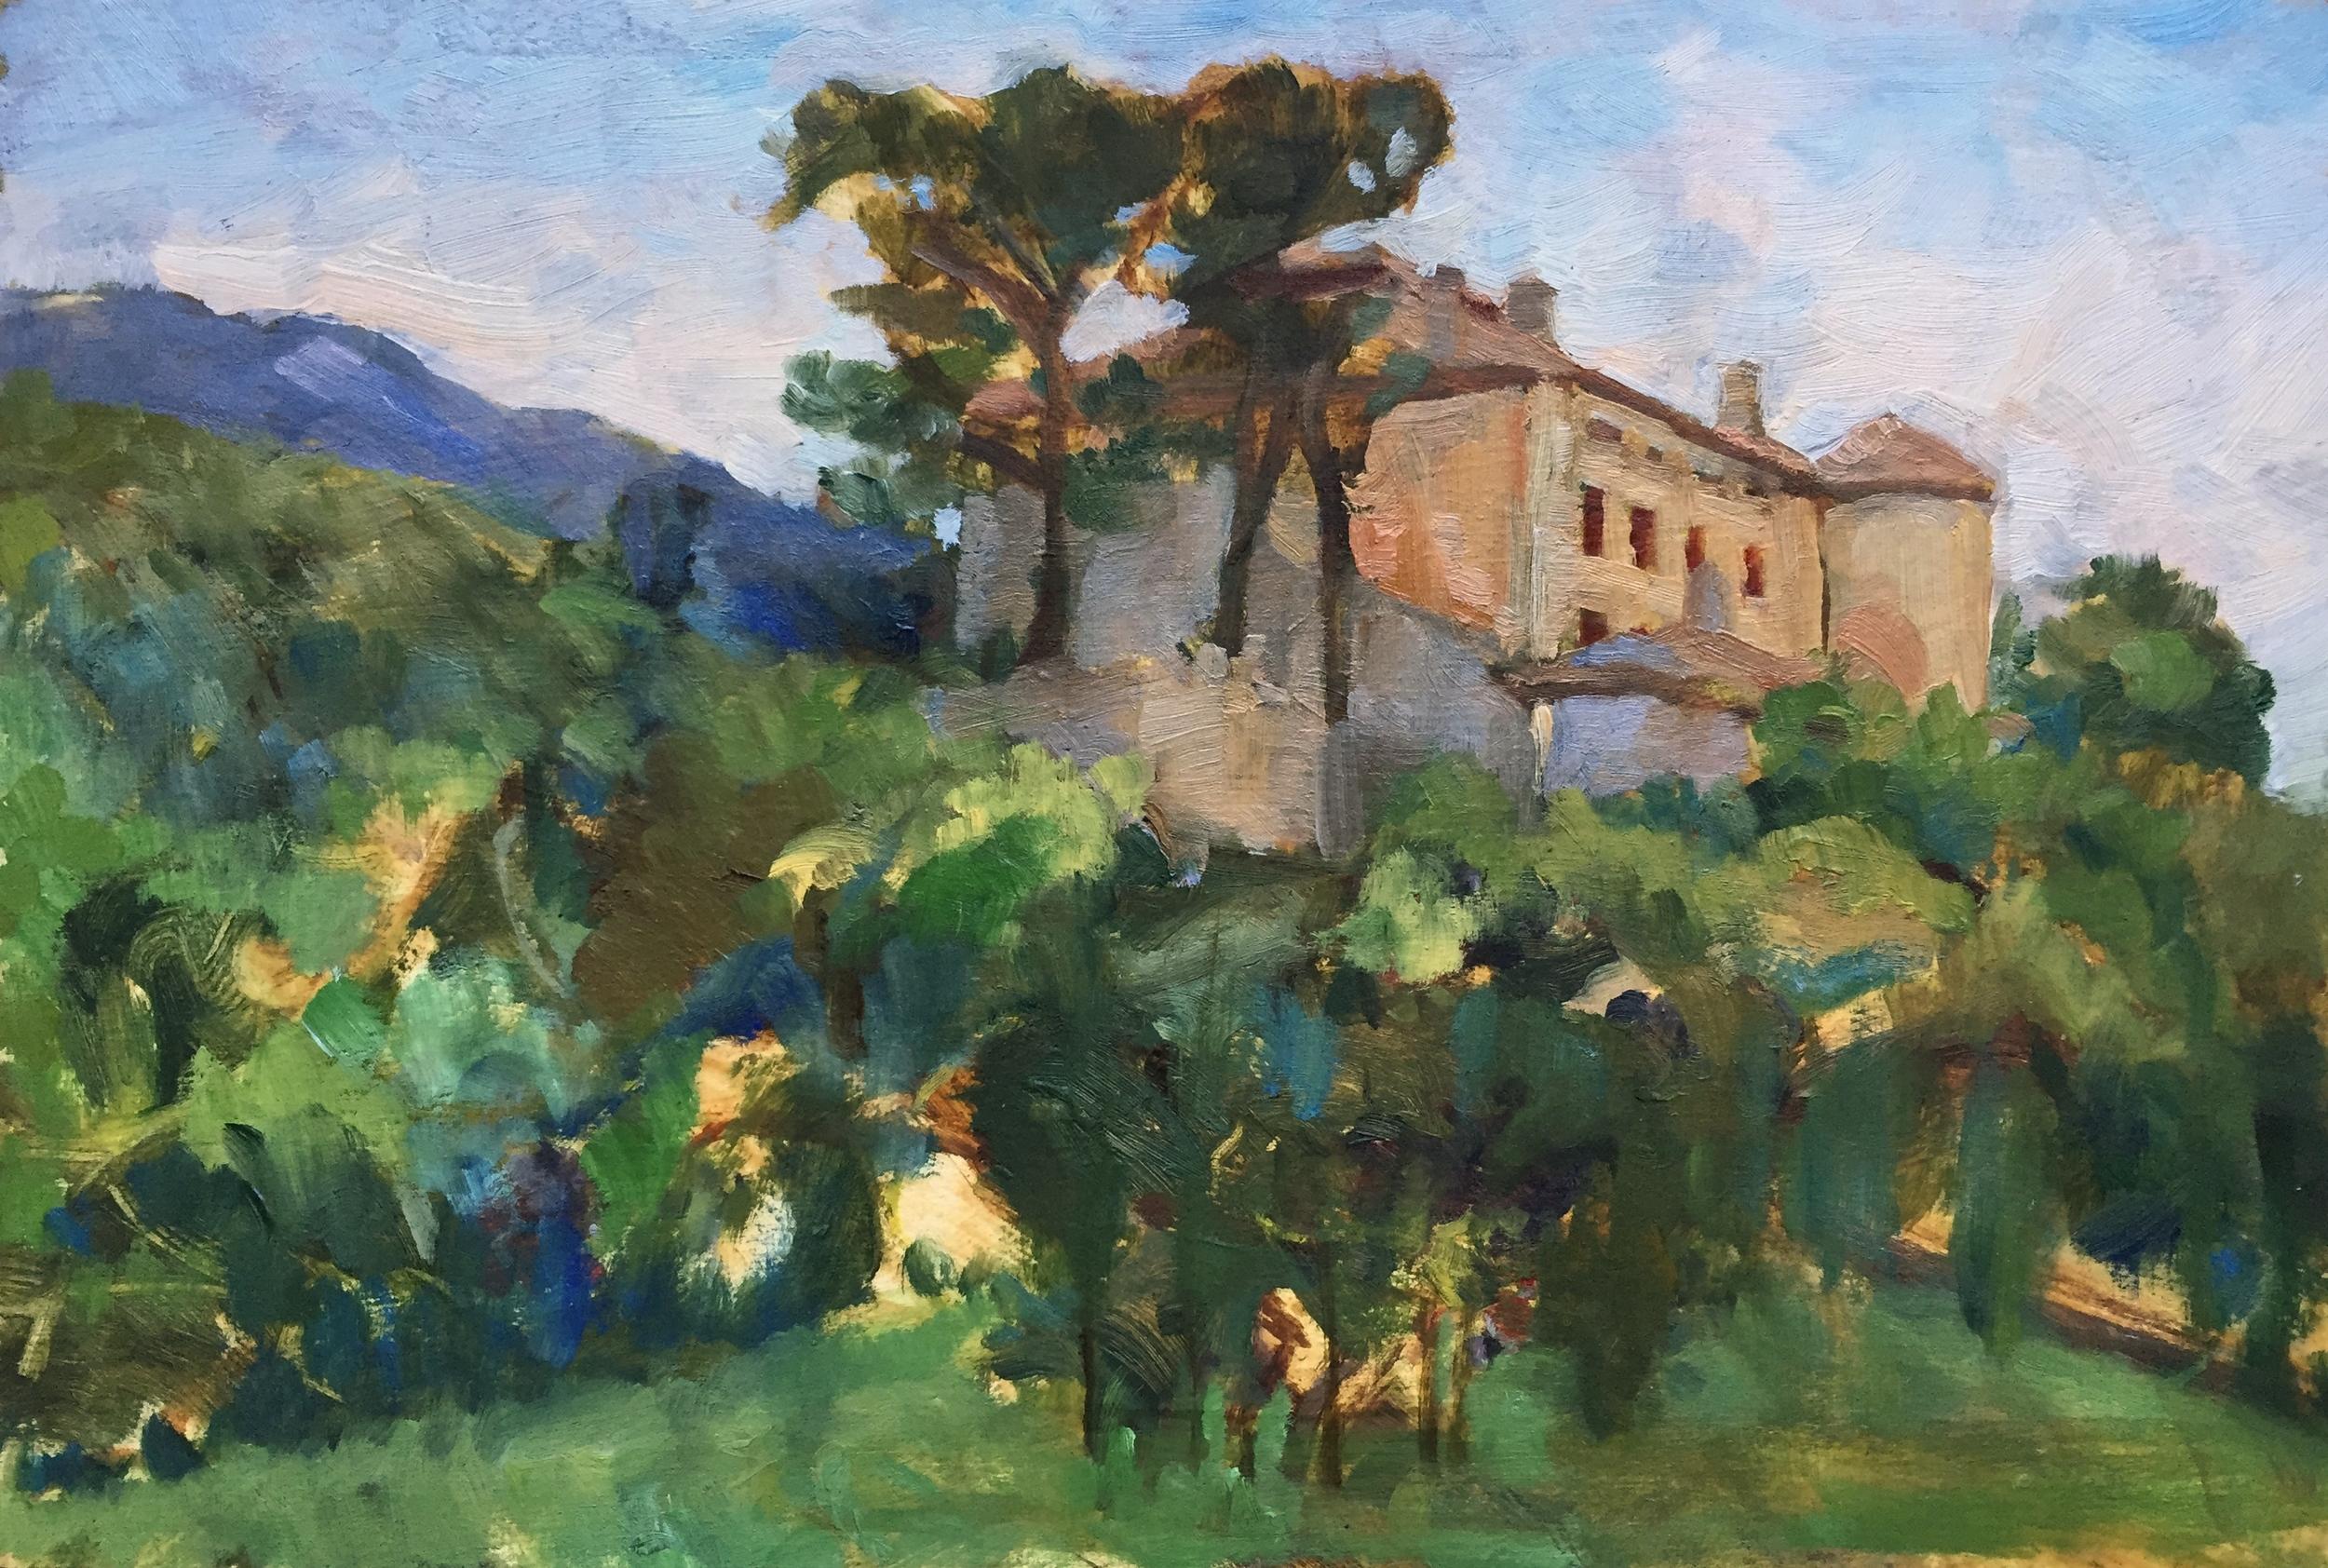 Picasso's Chateau, Vauvenargues